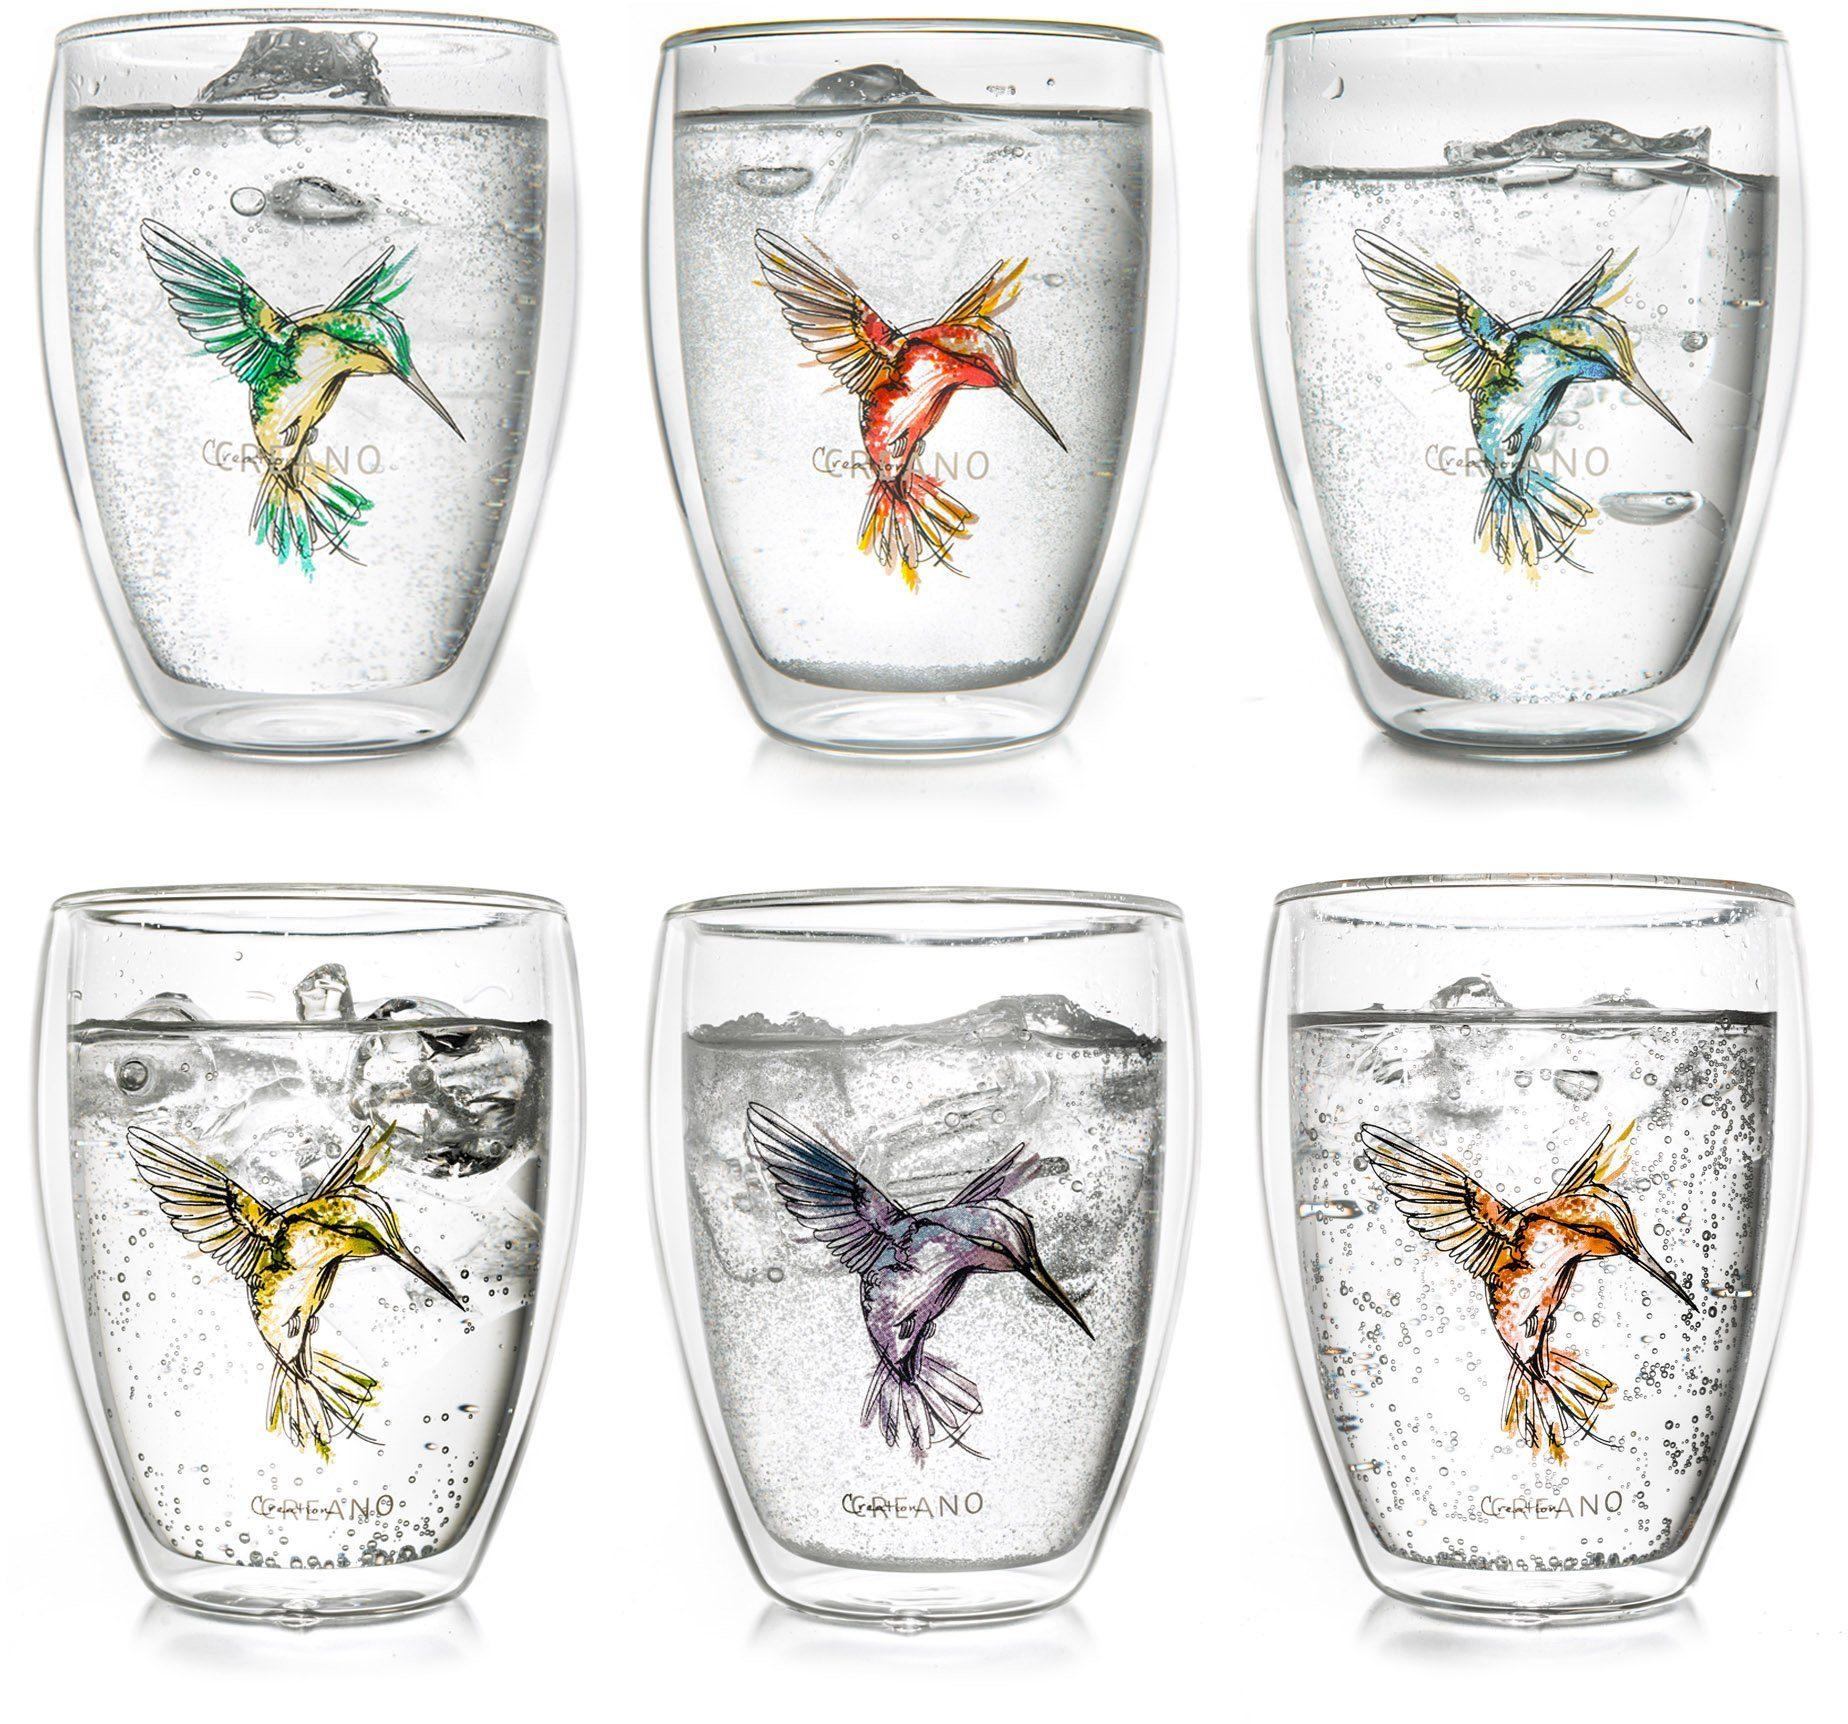 Creano Thermo-Glas, 6-er Set, doppelwandiges Tee-Glas, Latte Macchiato Glas, »Hummi«